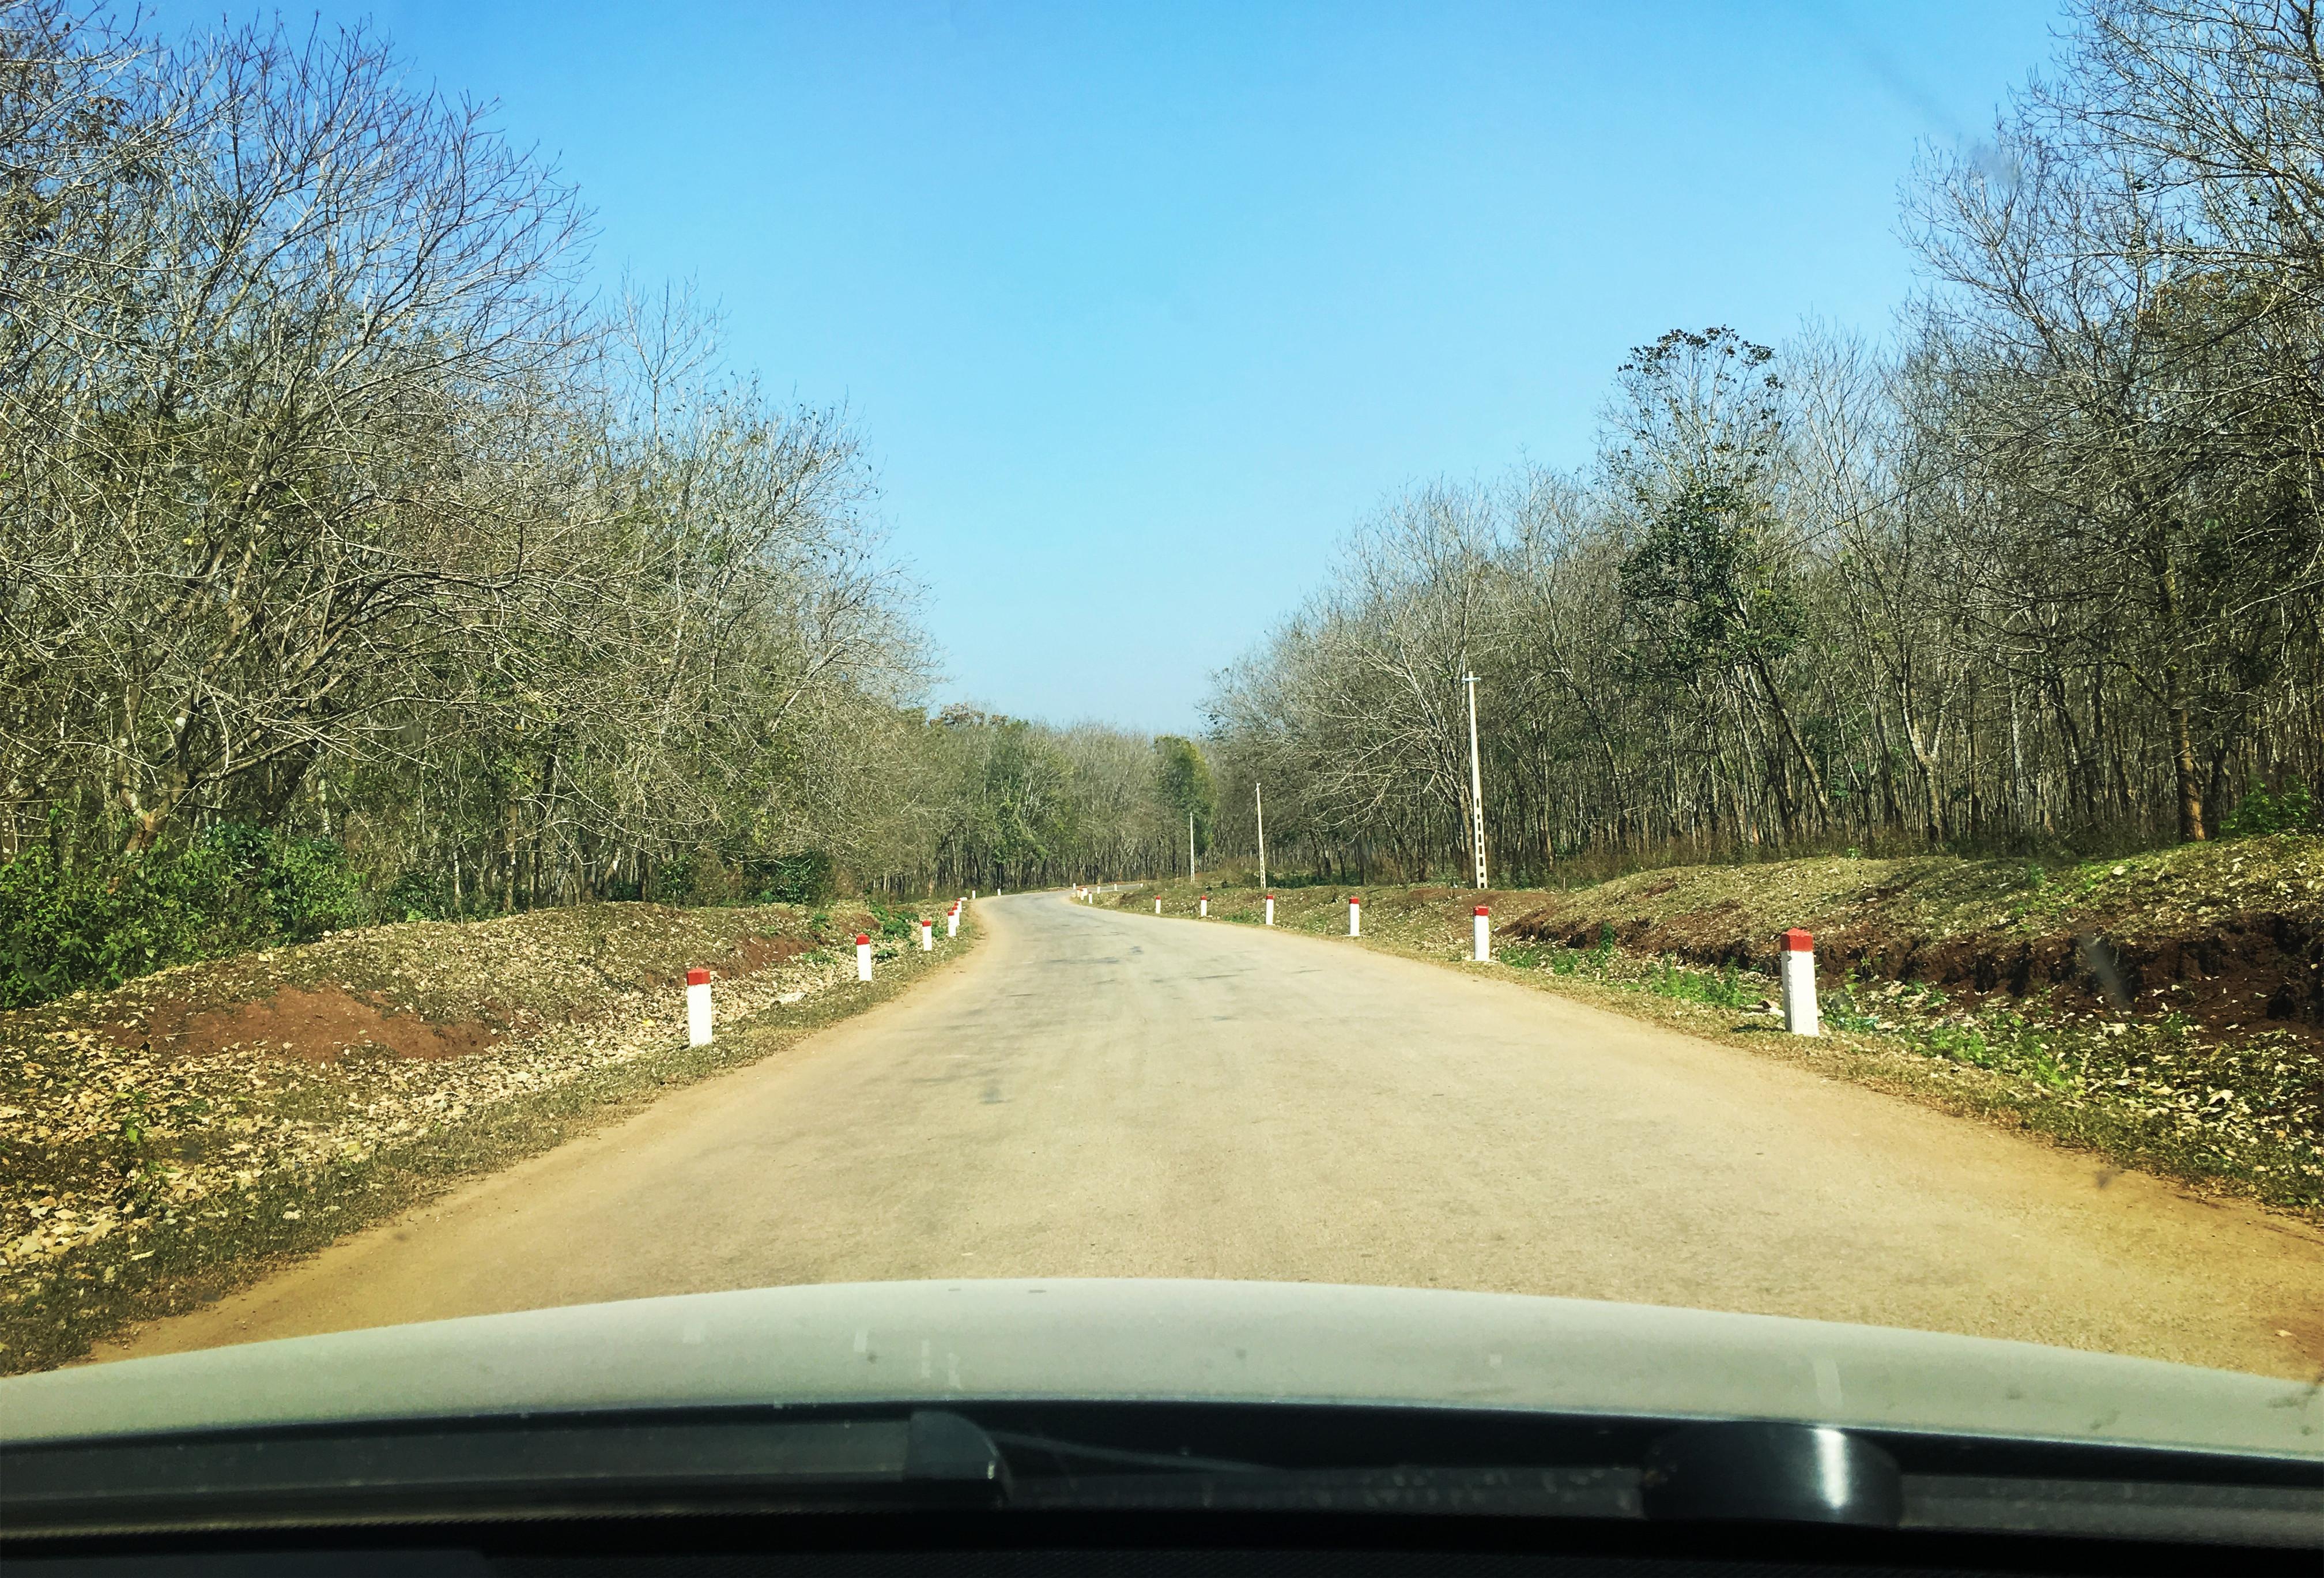 Cách kiểm tra xe ô tô và chuẩn bị cho hành trình dài